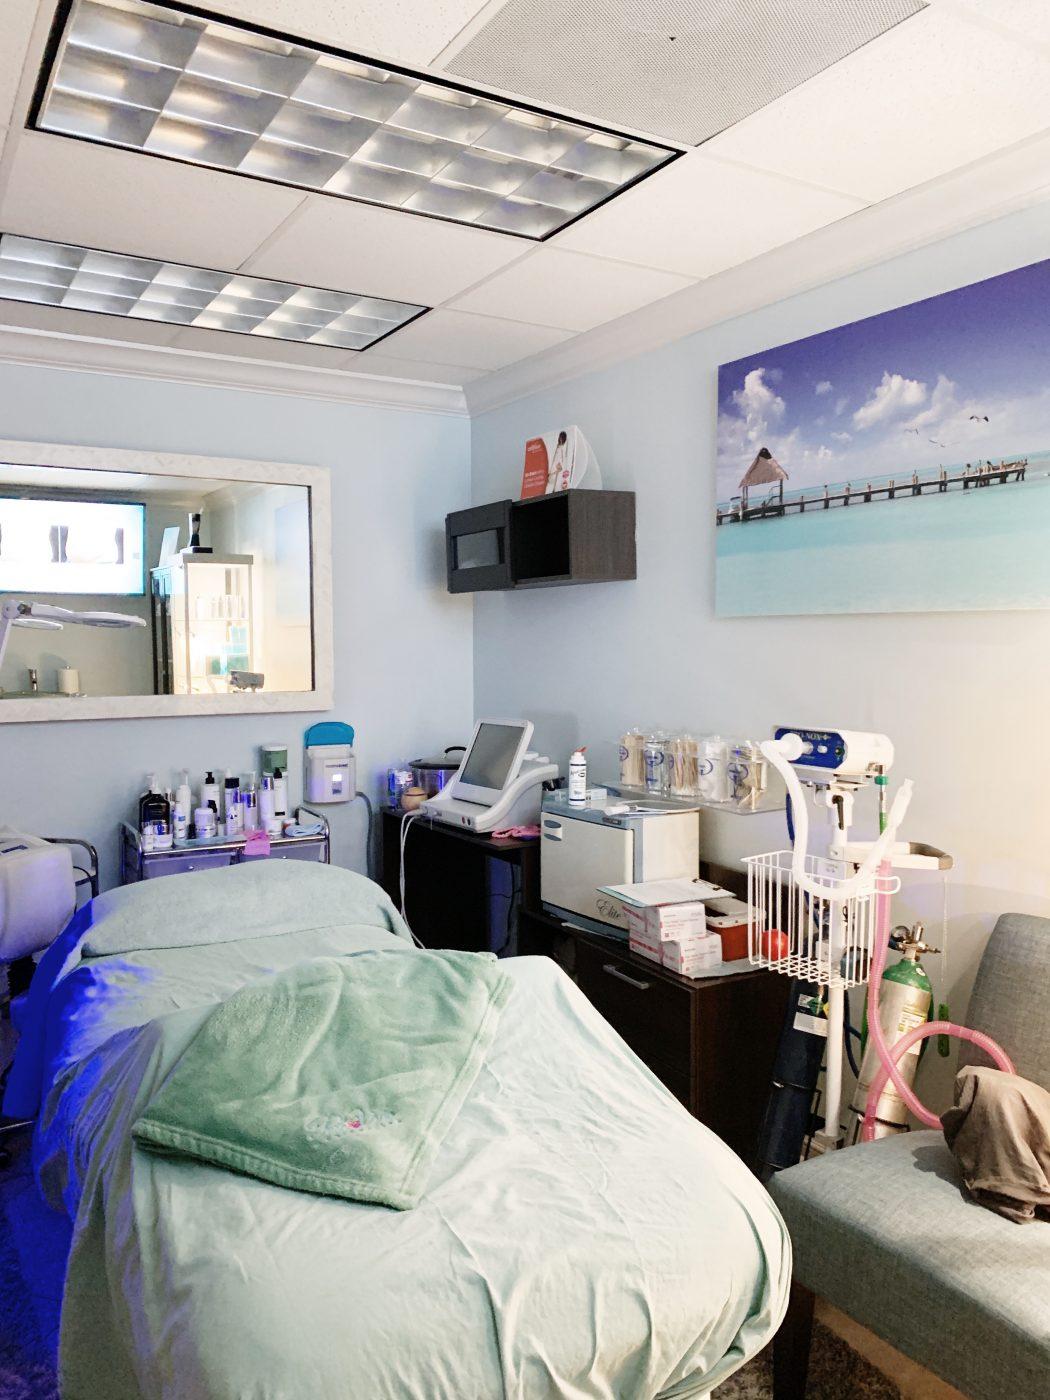 Pura Vida Medical Spa in Naples